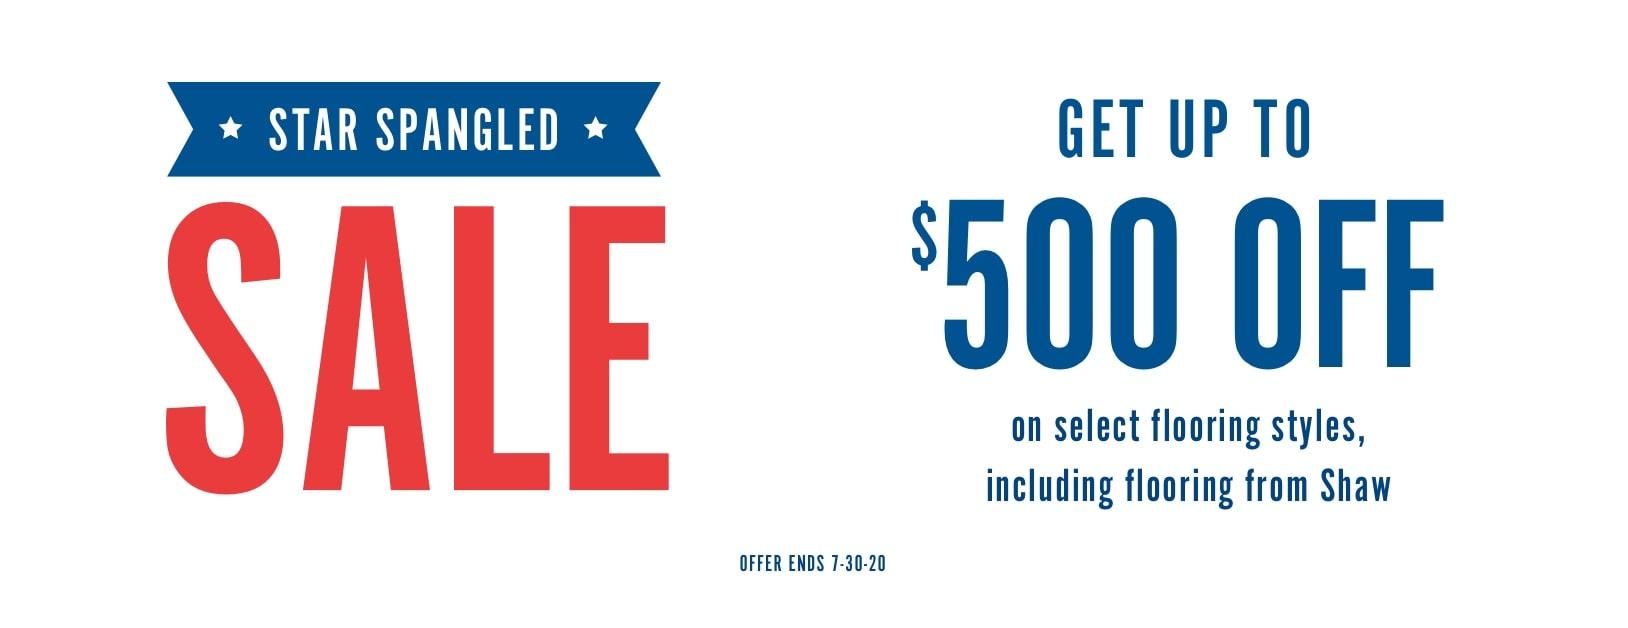 Save $500